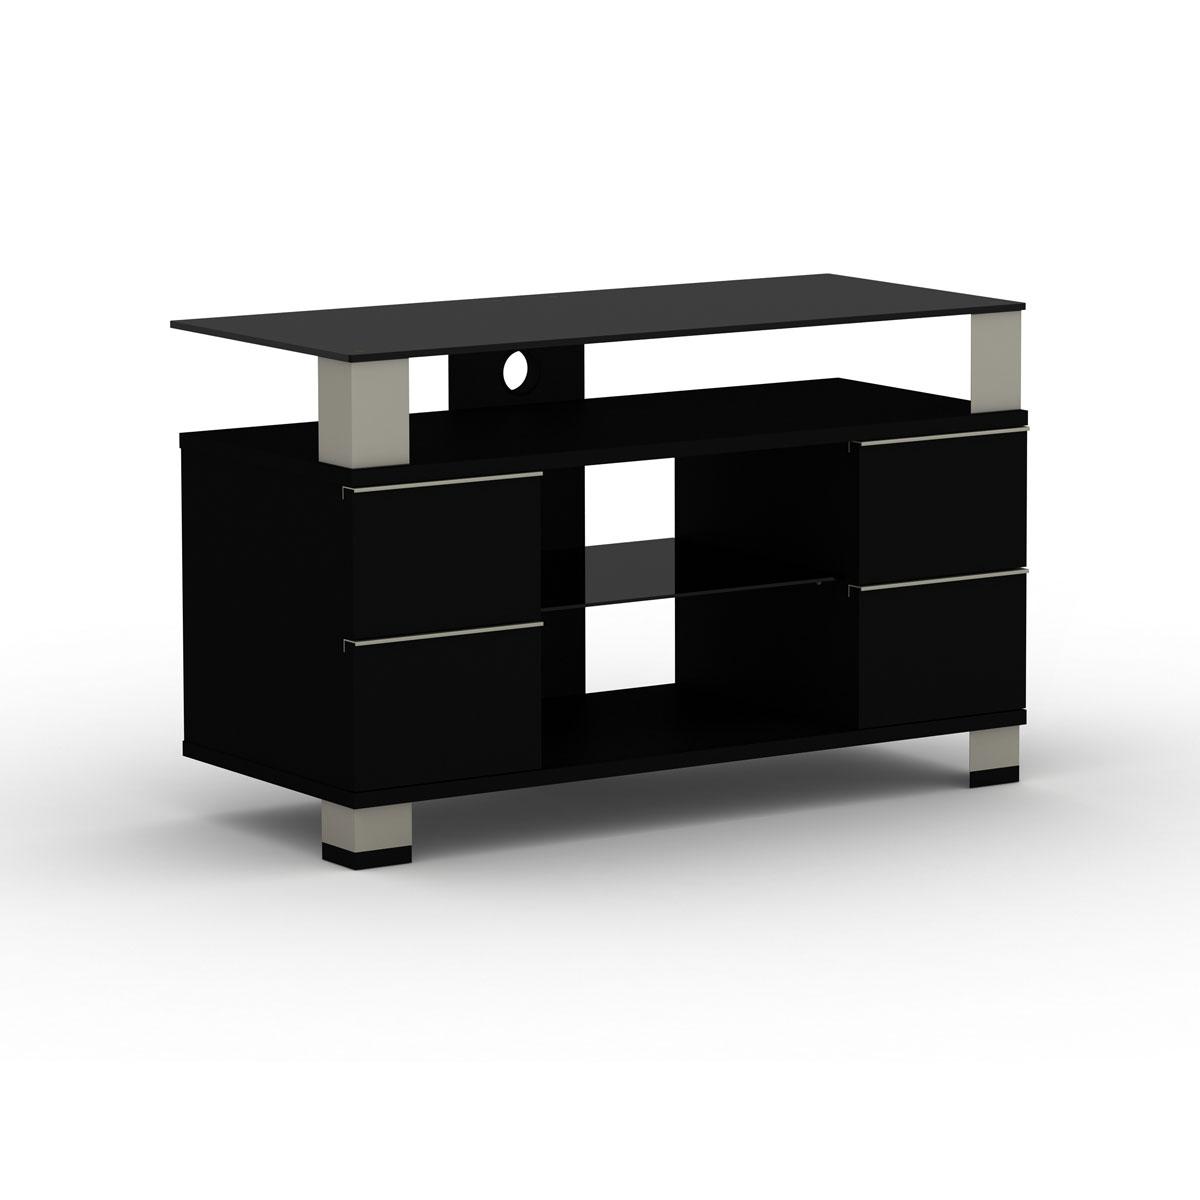 Elmob pone pn 095 01 noir meuble tv elmob sur ldlc - Meuble tv pour ecran plat ...